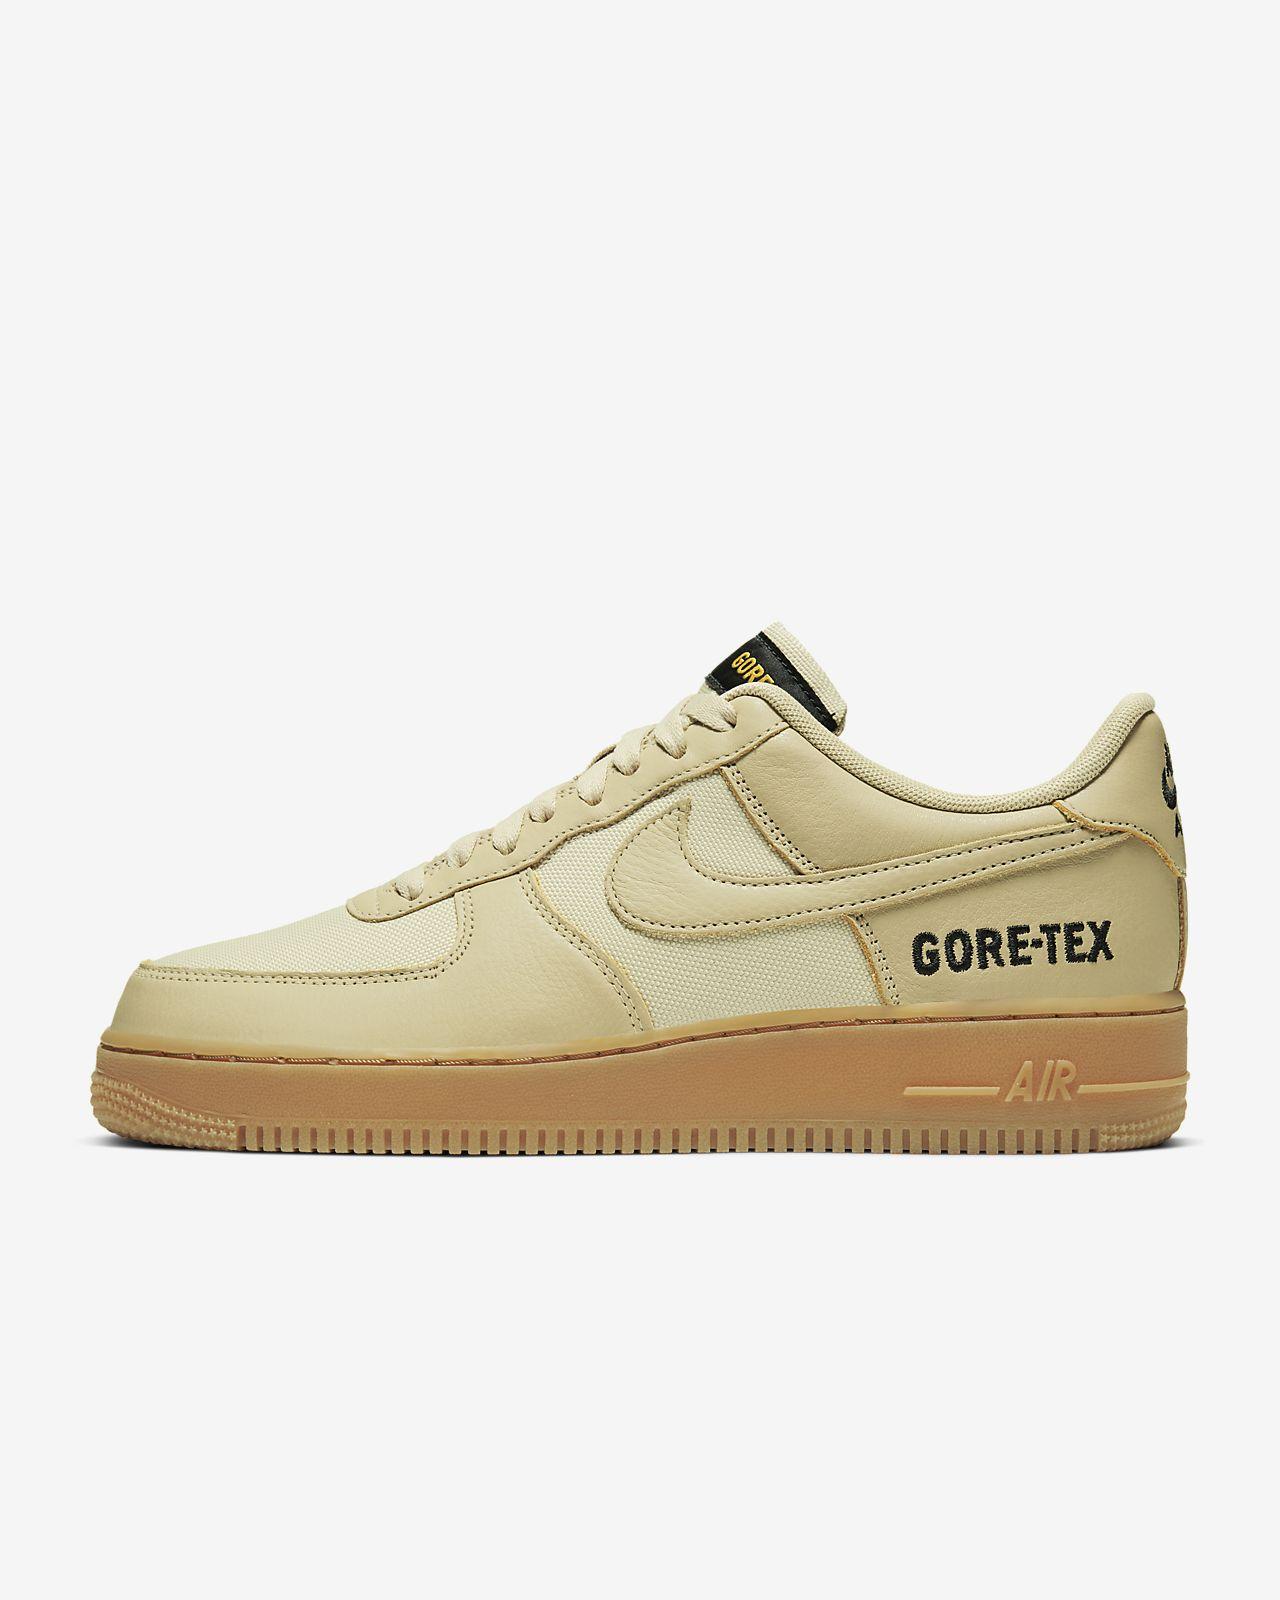 Nike Air Force 1 GORE-TEX Zapatillas